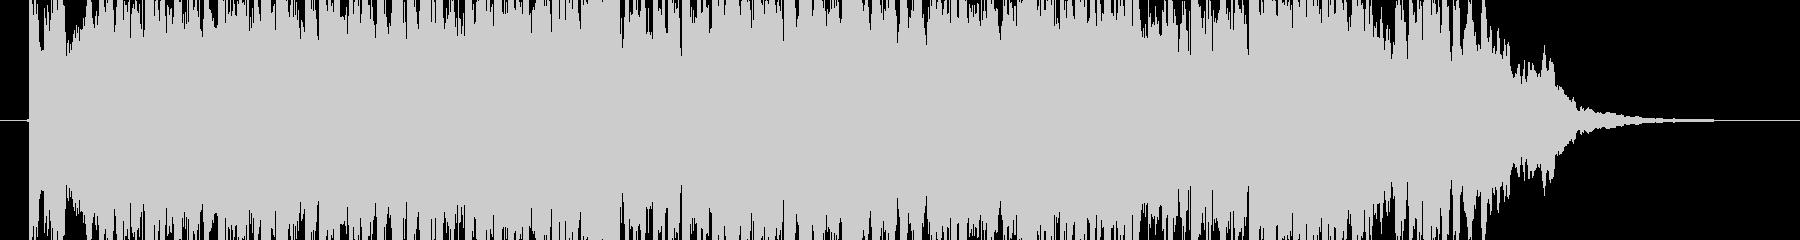 クラシック交響曲 ポジティブ 明る...の未再生の波形